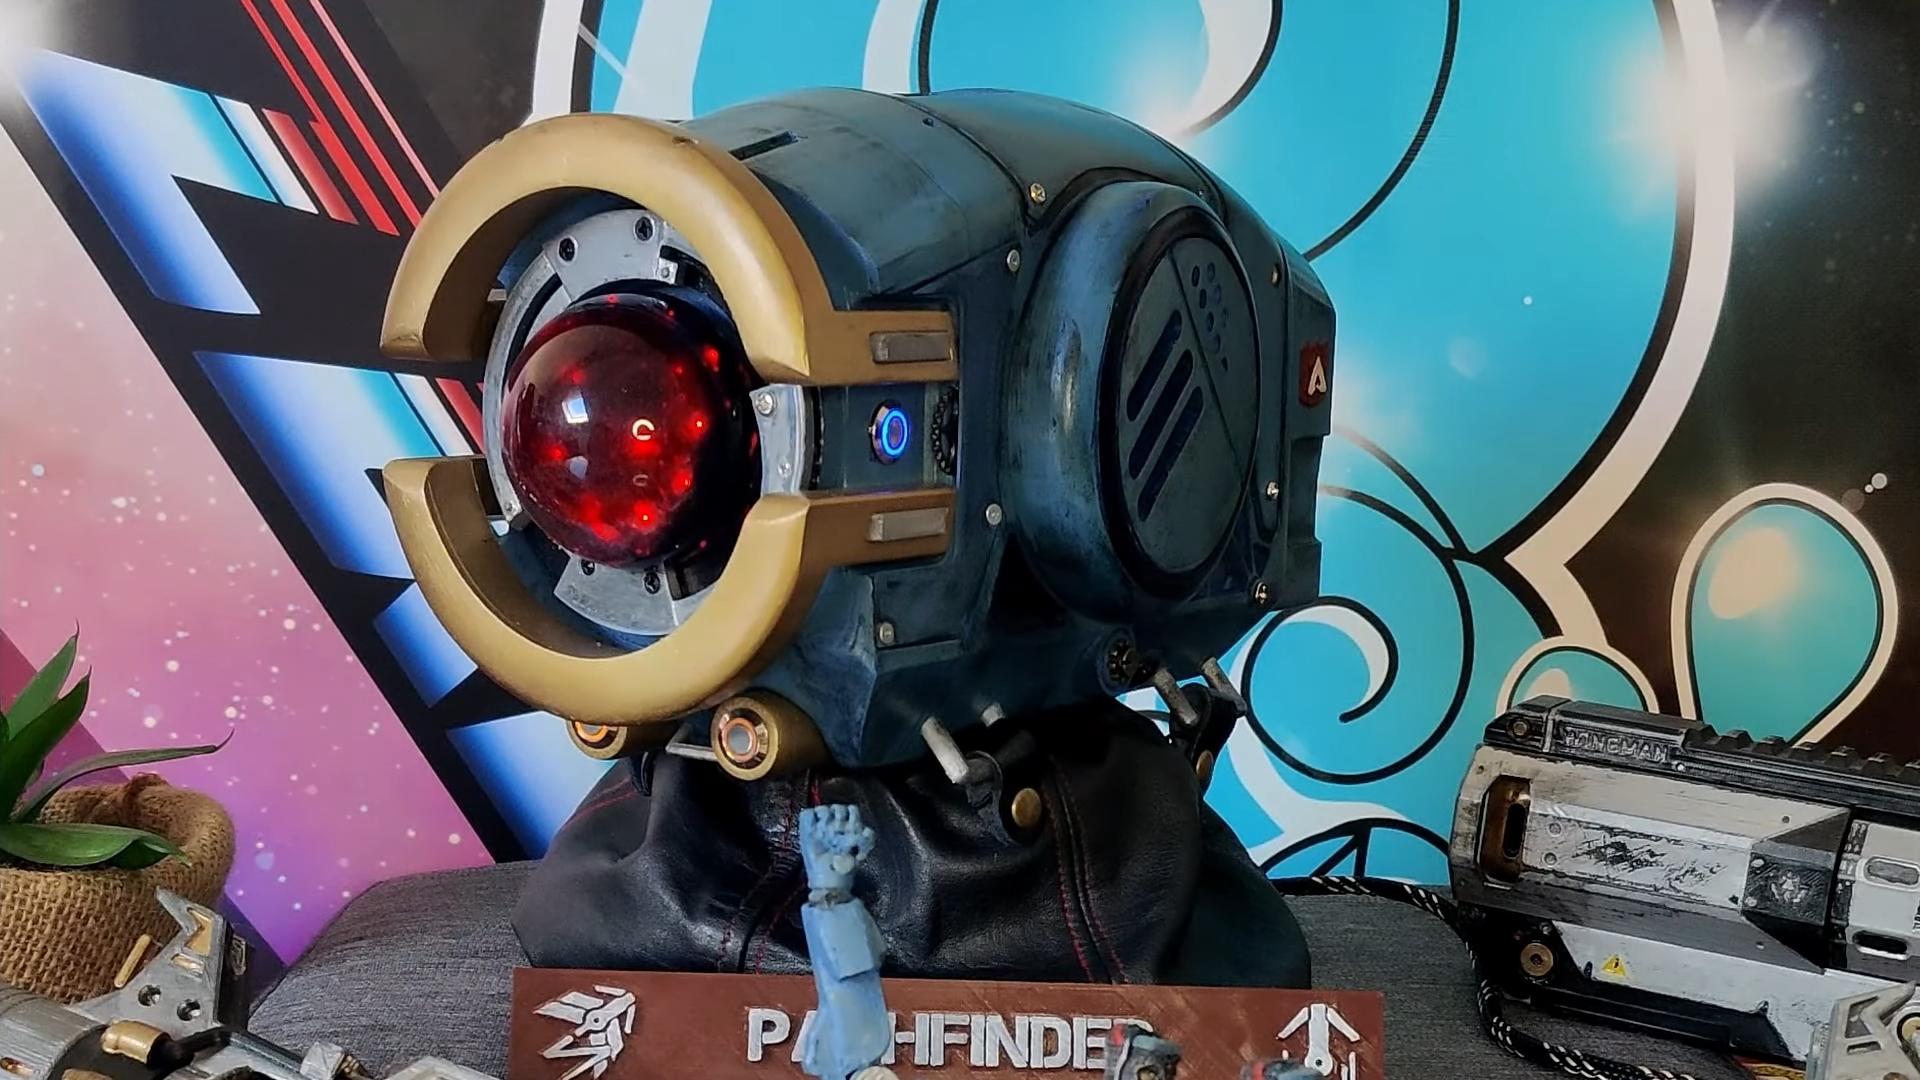 【APEX技術部】パスファインダーの頭を3Dプリンターで作るファン現る!?